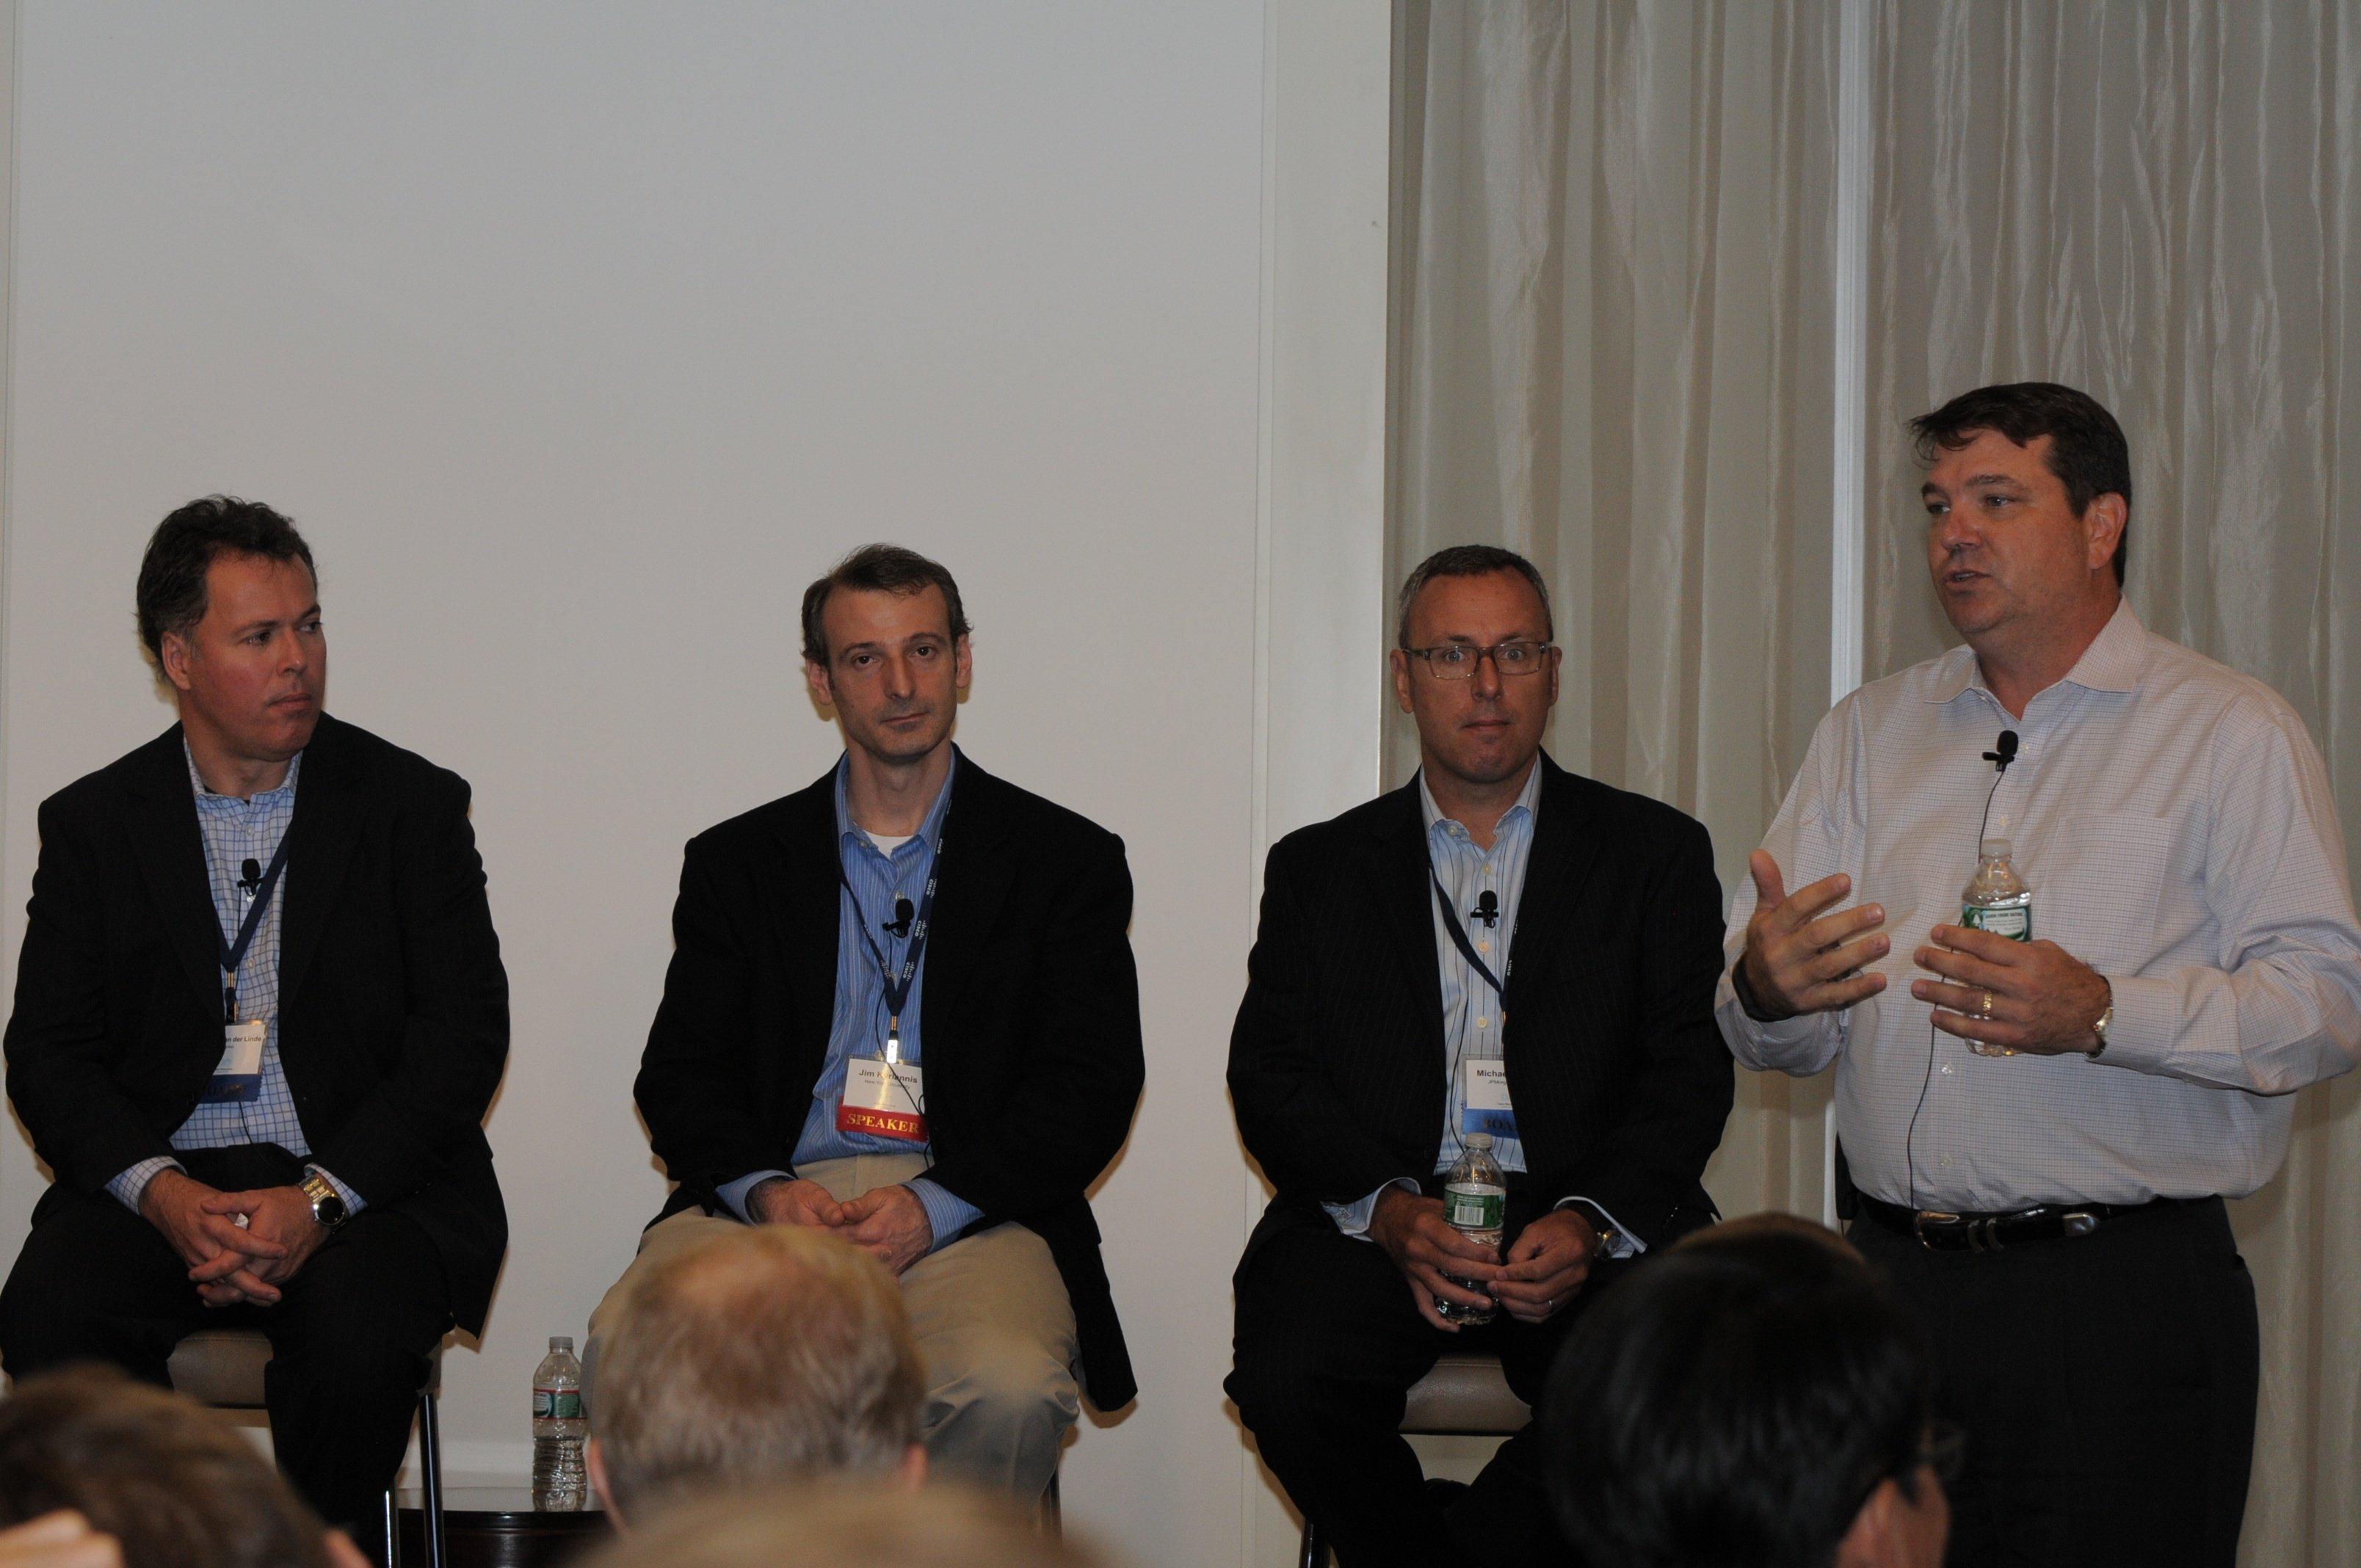 ONUG Board member Keith Shinn, presents use cases as fellow panel members Harmen Van der Linde, Jim Kyriannis, and Michael Payne look on